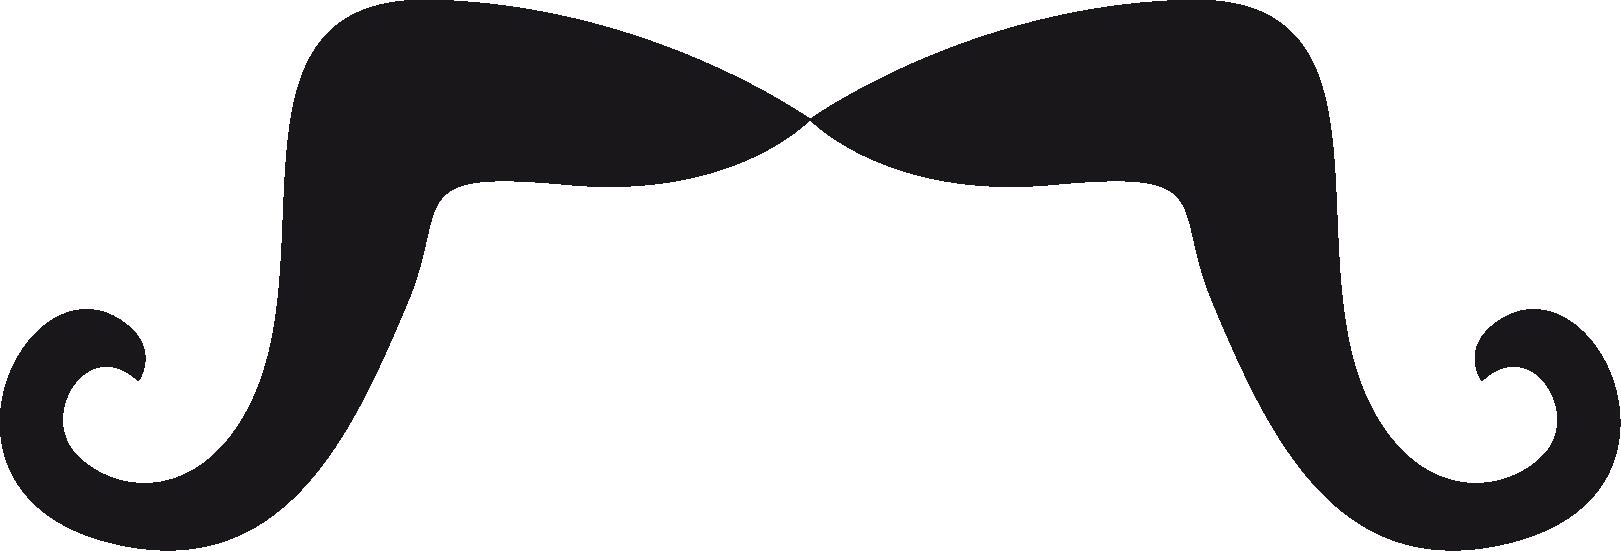 Free Moustache PNG Transparent